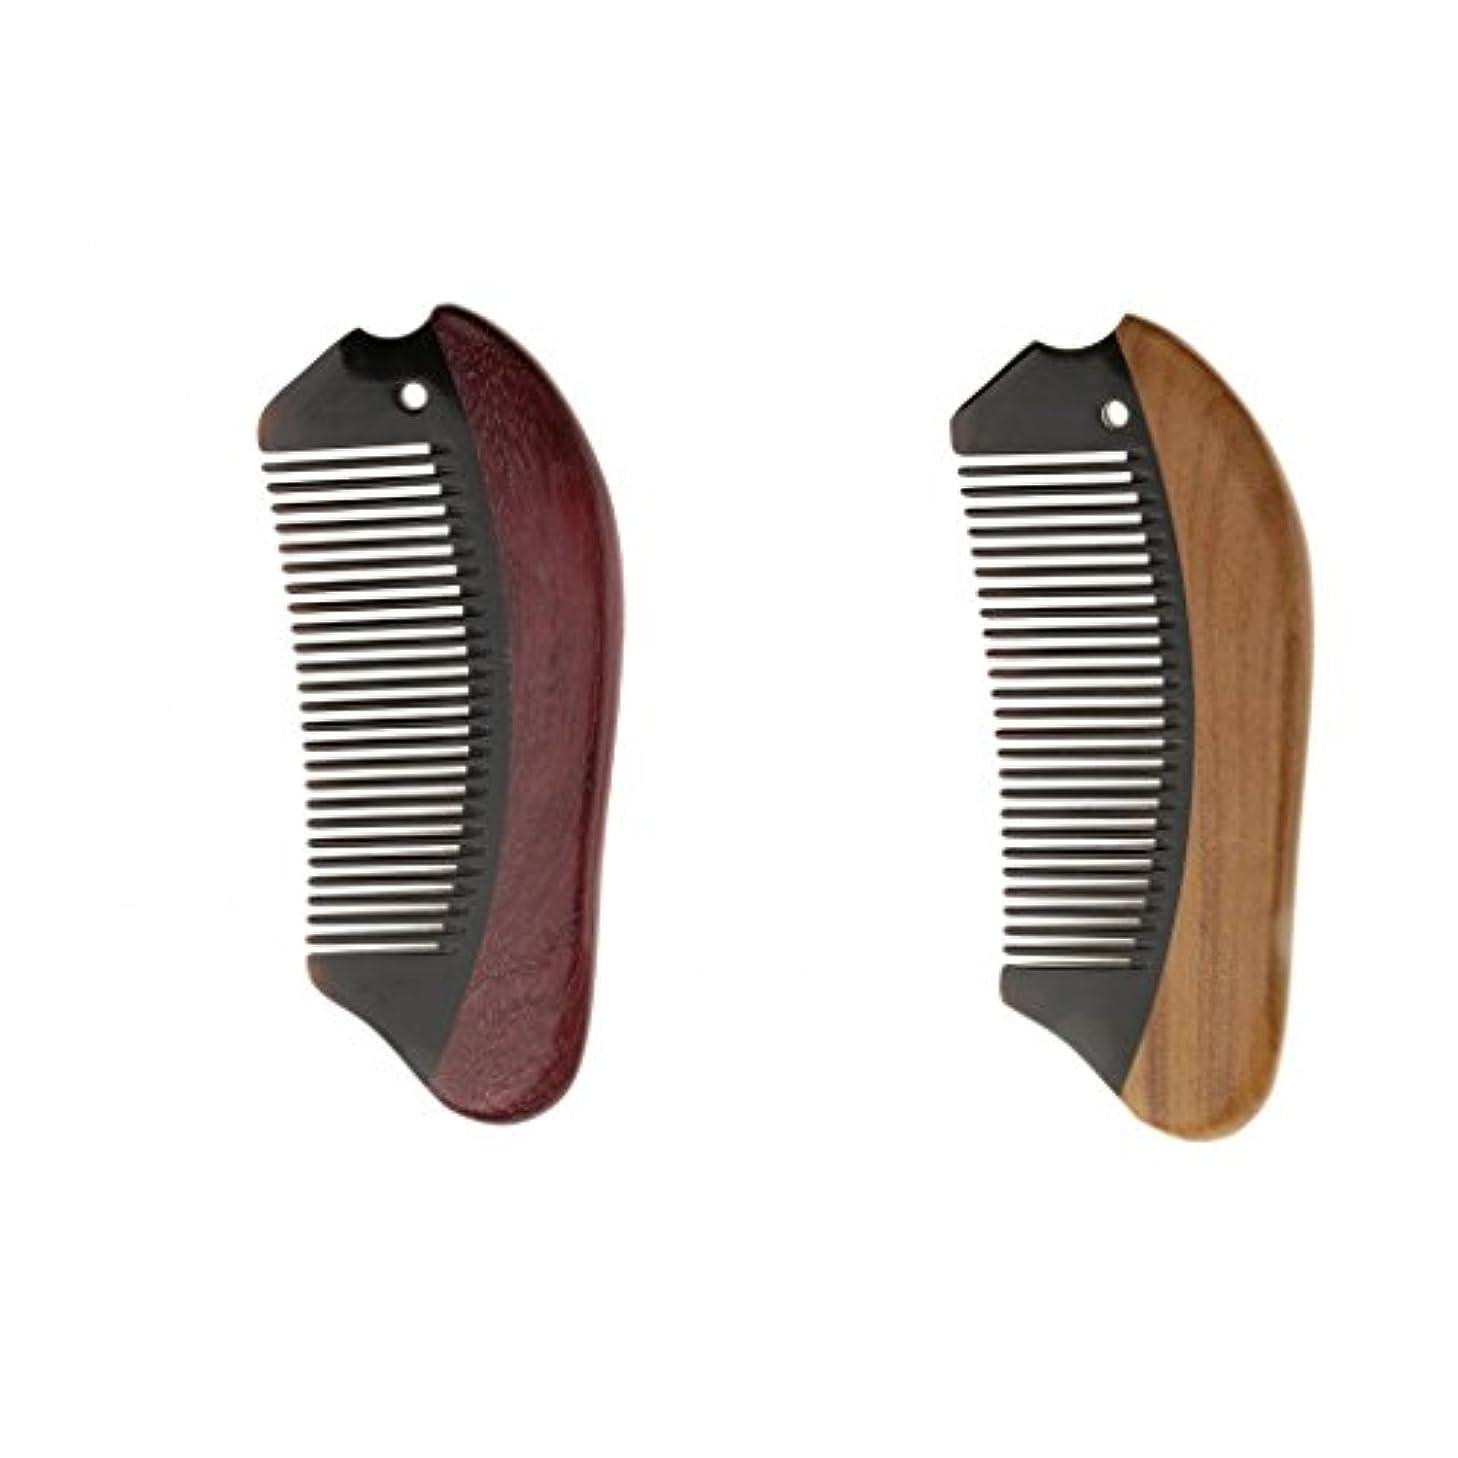 軌道卒業きゅうり2個 木製 櫛 コーム 静電気防止 マッサージ 高品質 プレゼント 滑らか 快適